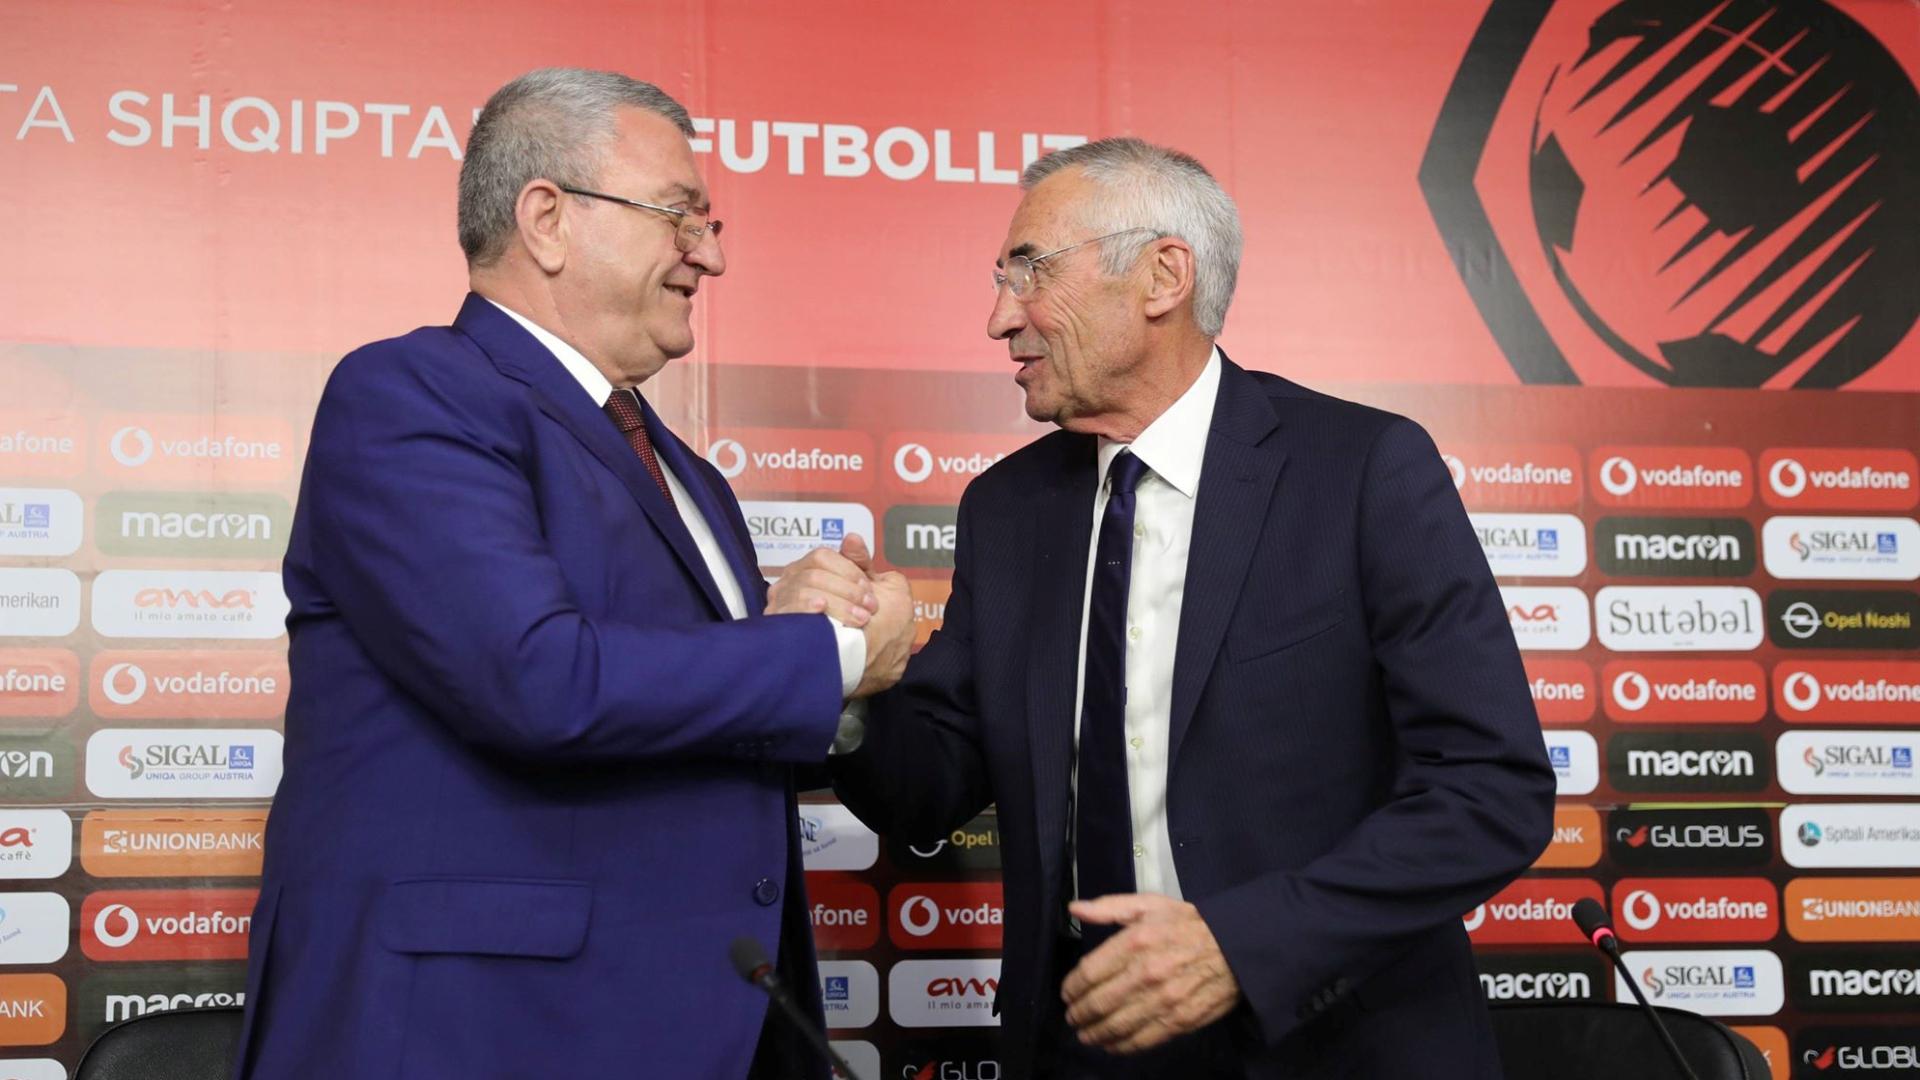 E ardhmja e Rejës te Shqipëria, në FSHF mendojnë edhe për italian tjetër